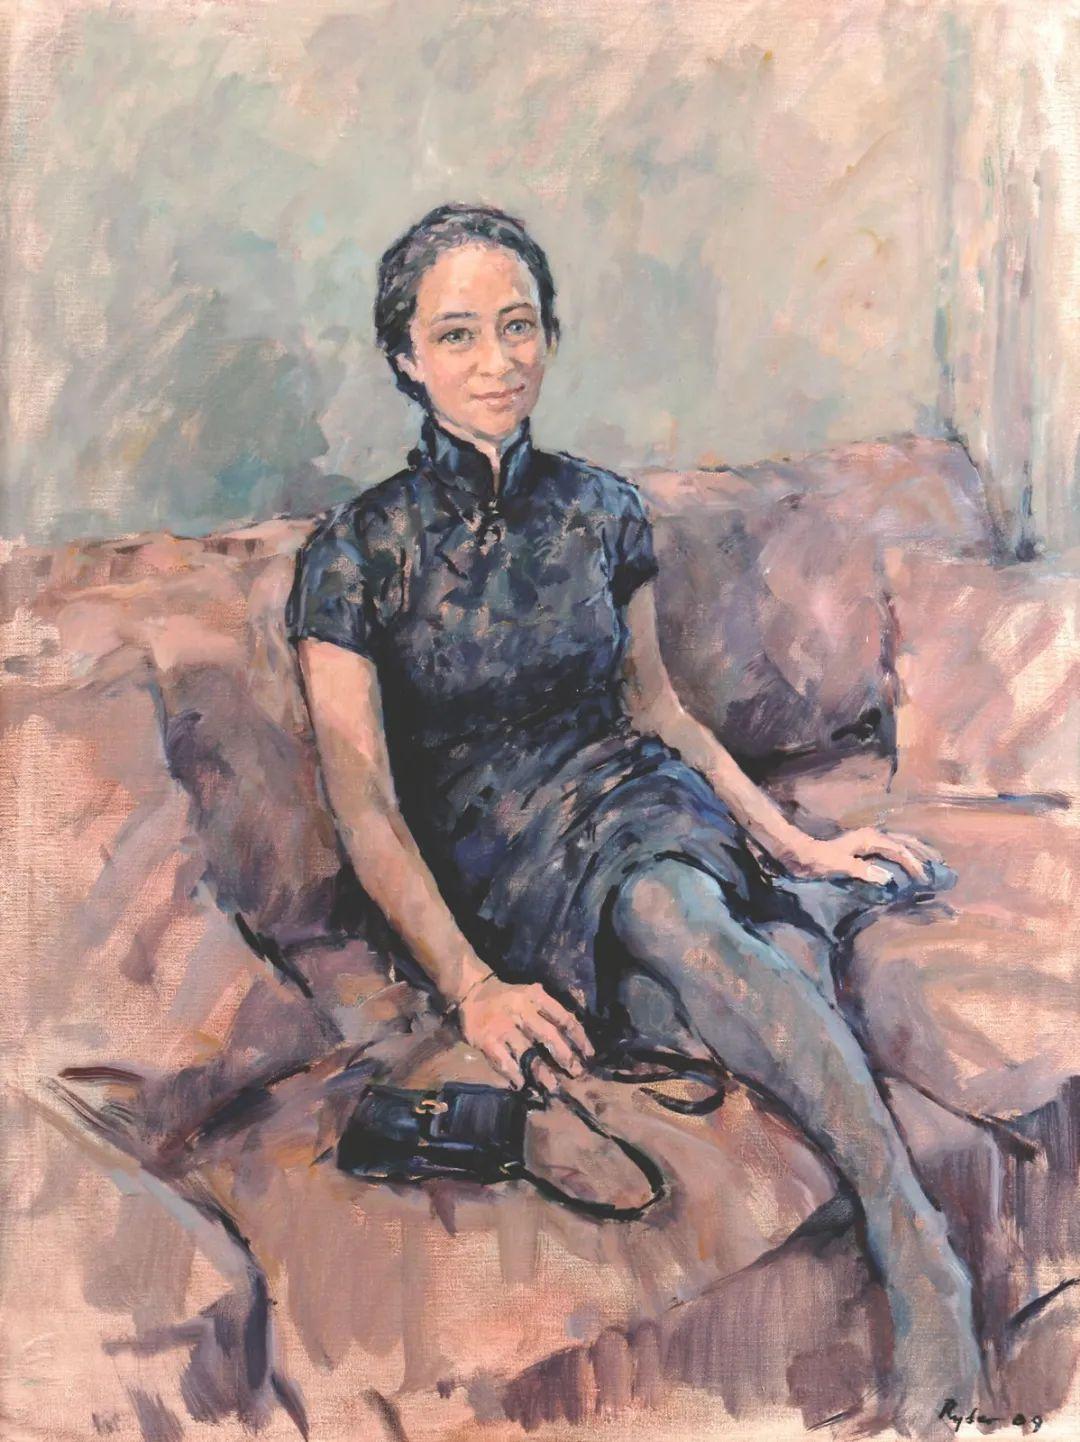 英国女画家苏珊·莱德人物作品插图19